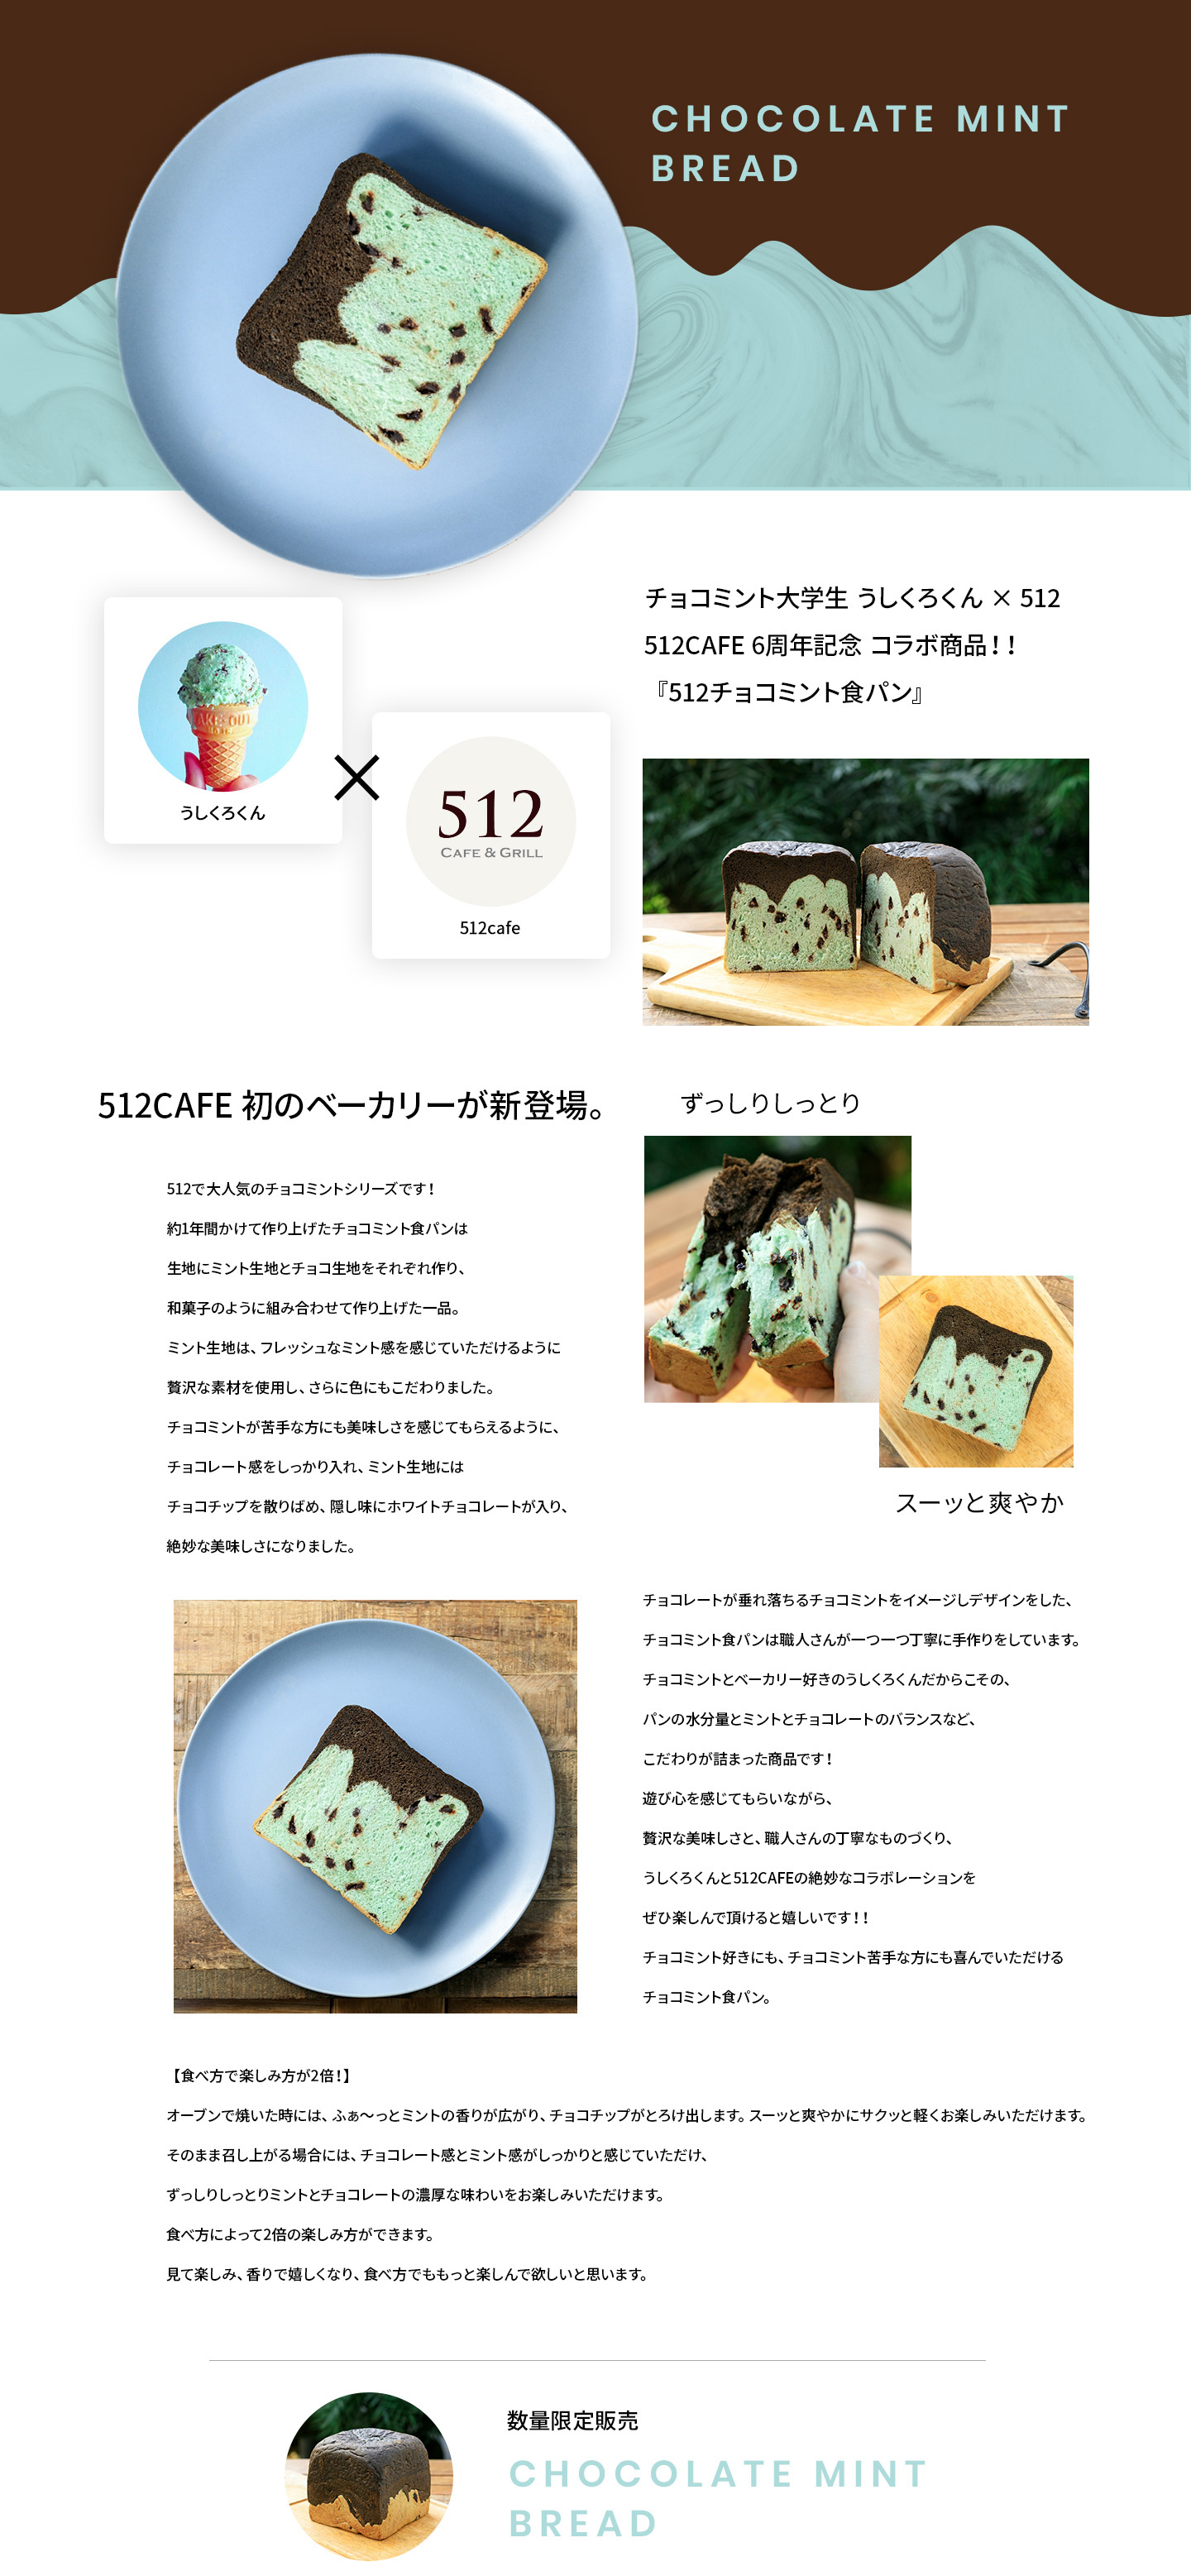 【数量限定】 512CAFE うしくろくん チョコミント食パン